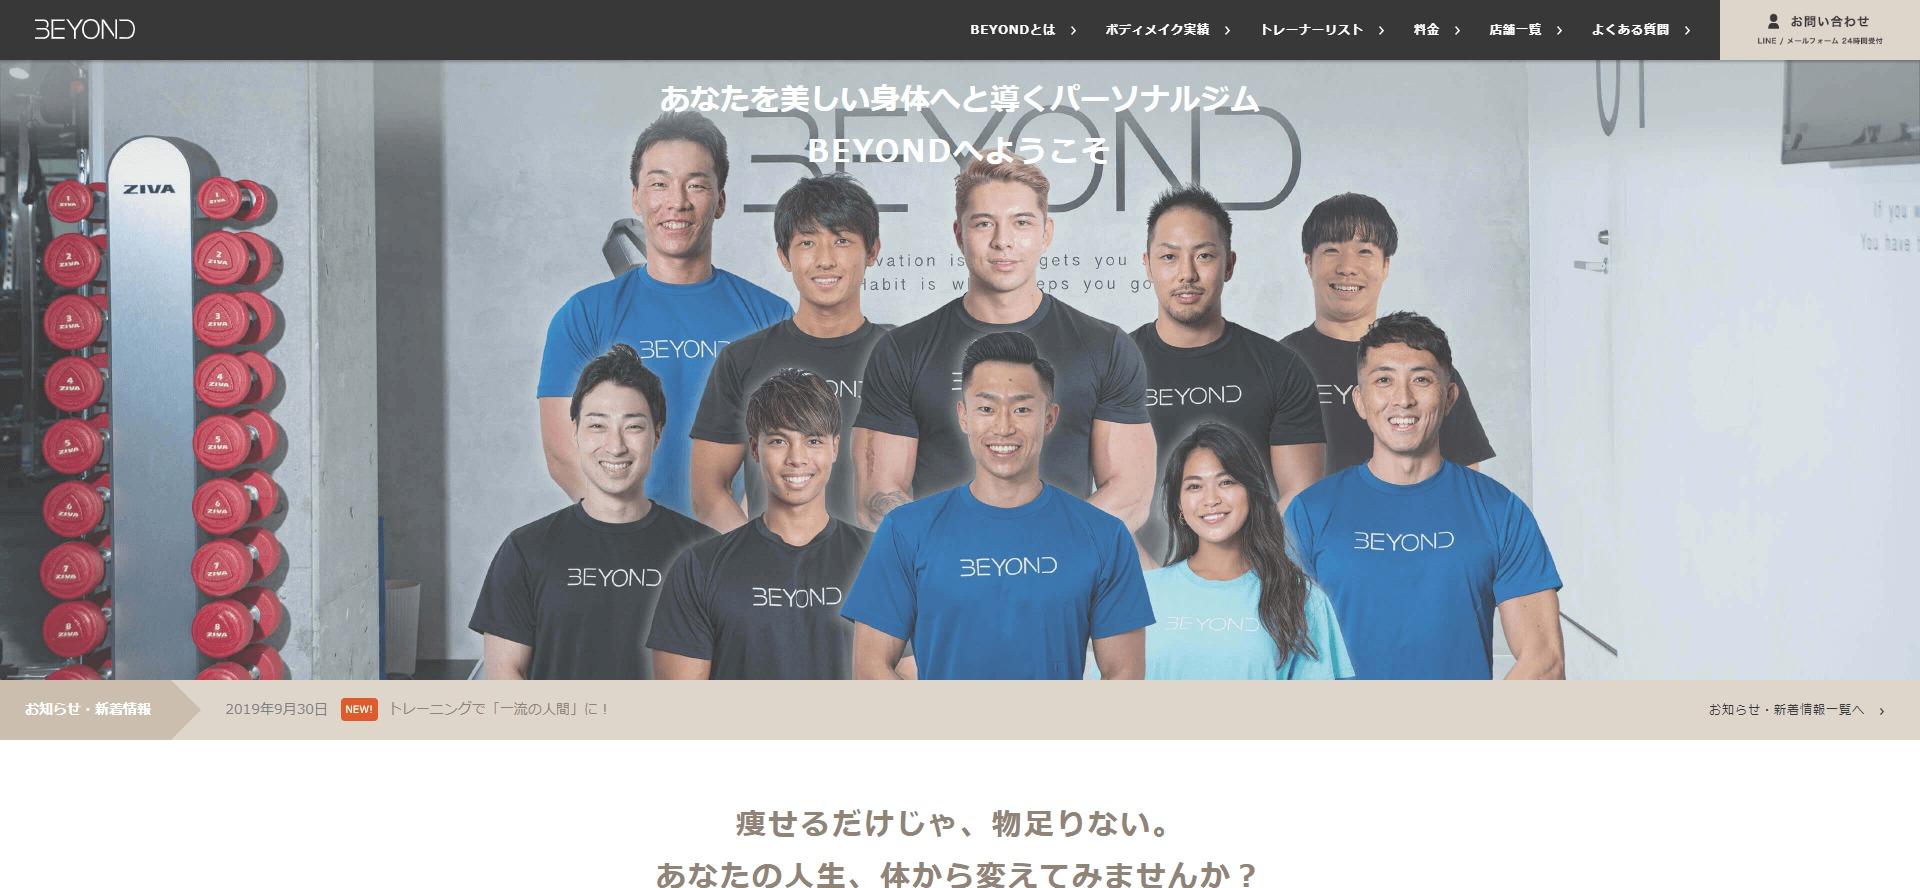 川崎エリアでおすすめのパーソナルトレーニングジム「BEYOND(ビヨンド)川崎店」